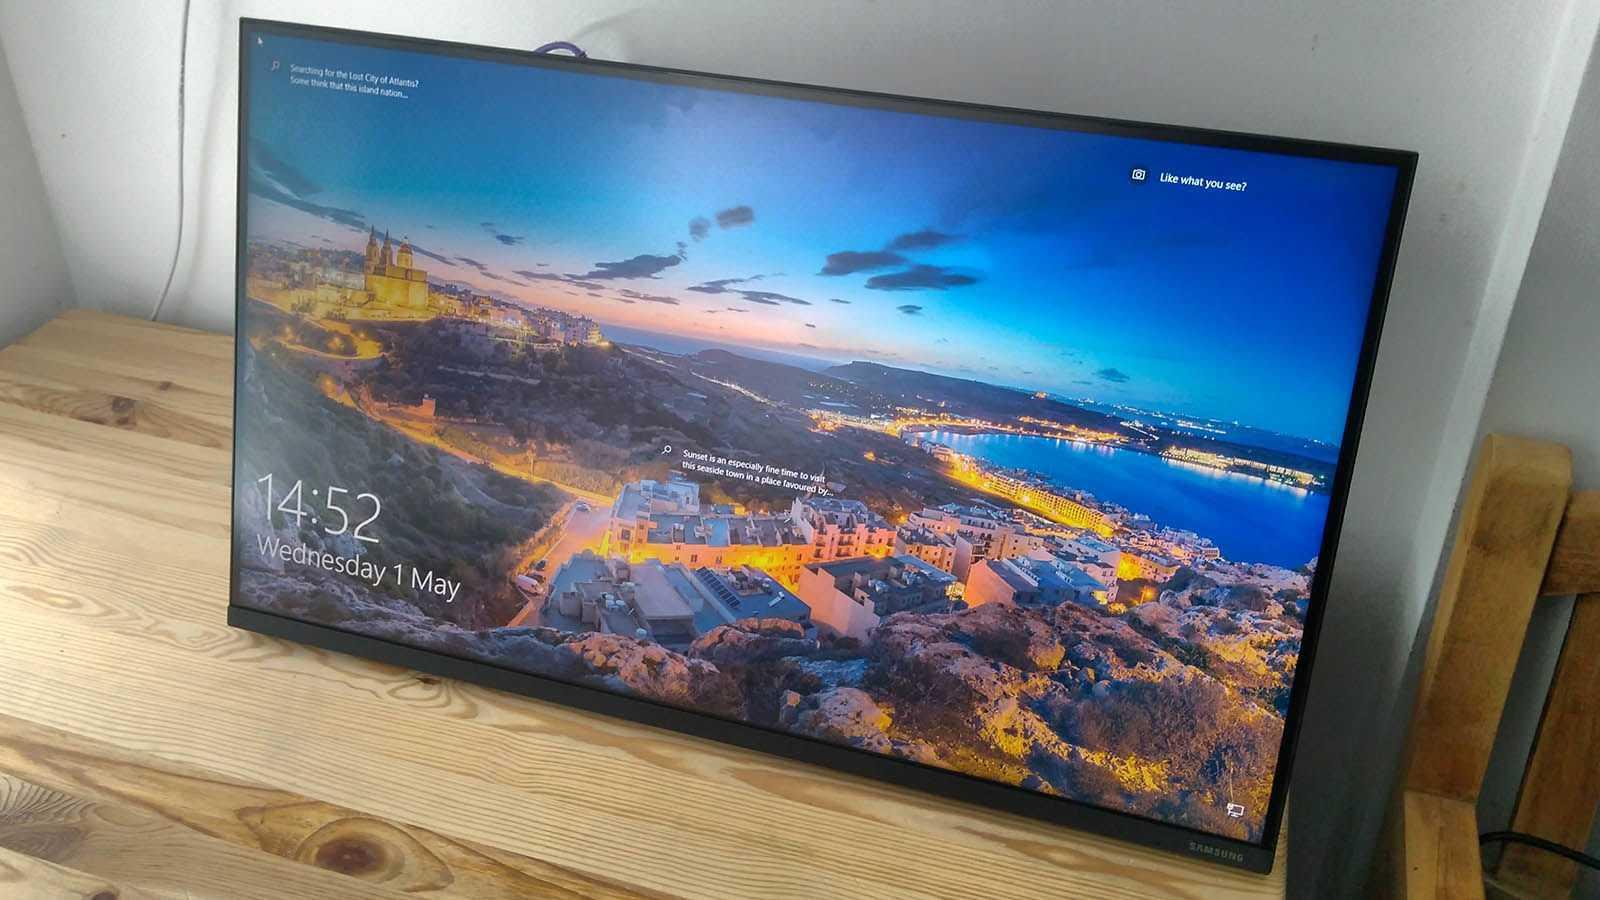 В России стартовали продажи долгожданных мониторов Samsung Space Monitor Их ключевая особенность в том что можно крепить к краю стола легко наклонять под нужным углом